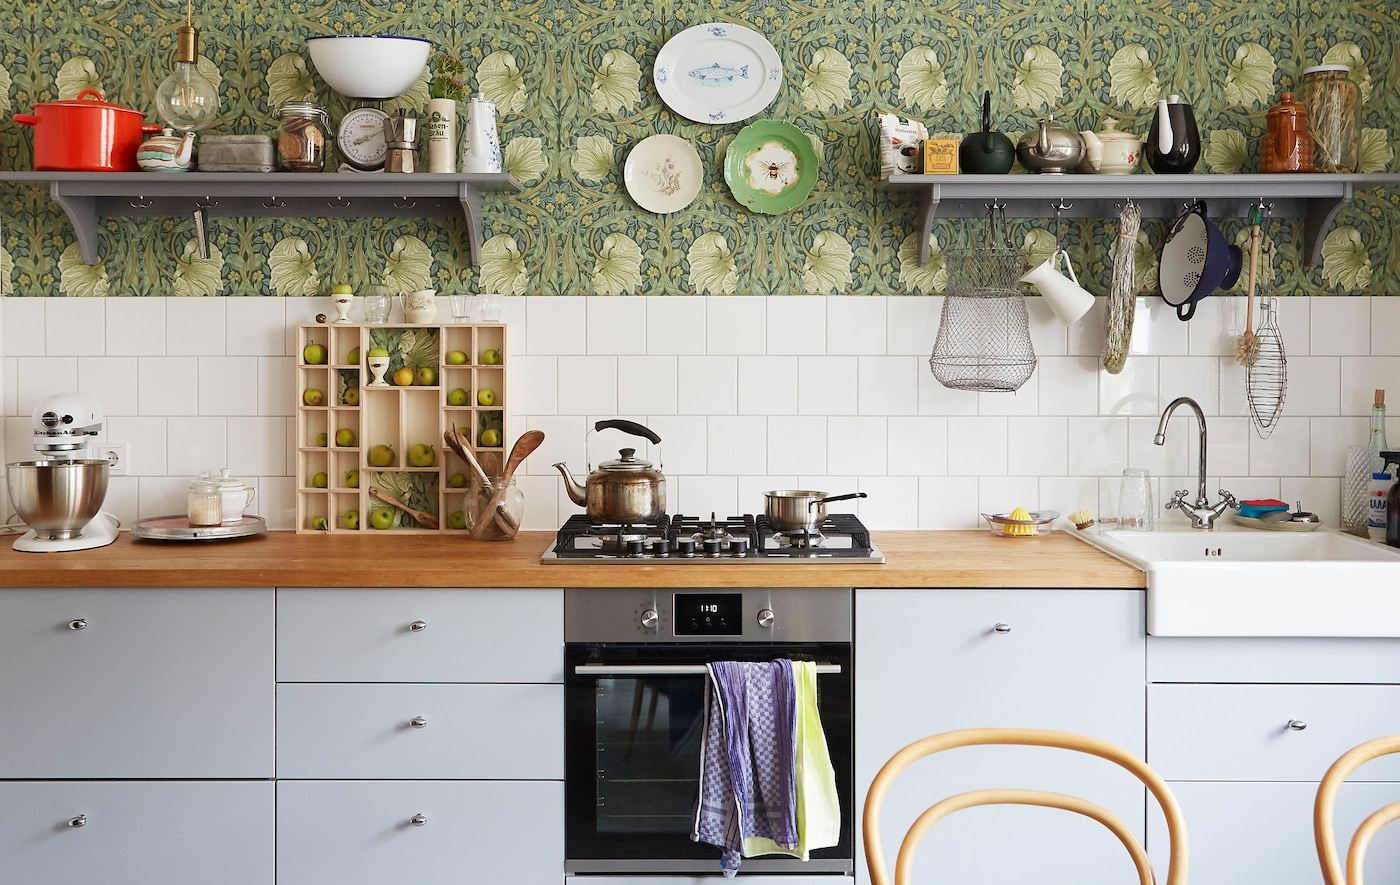 Una cucina con mobili grigi e una piano cottura a incasso, piani di lavoro in legno e mensole sullo sfondo di una tappezzeria floreale – IKEA